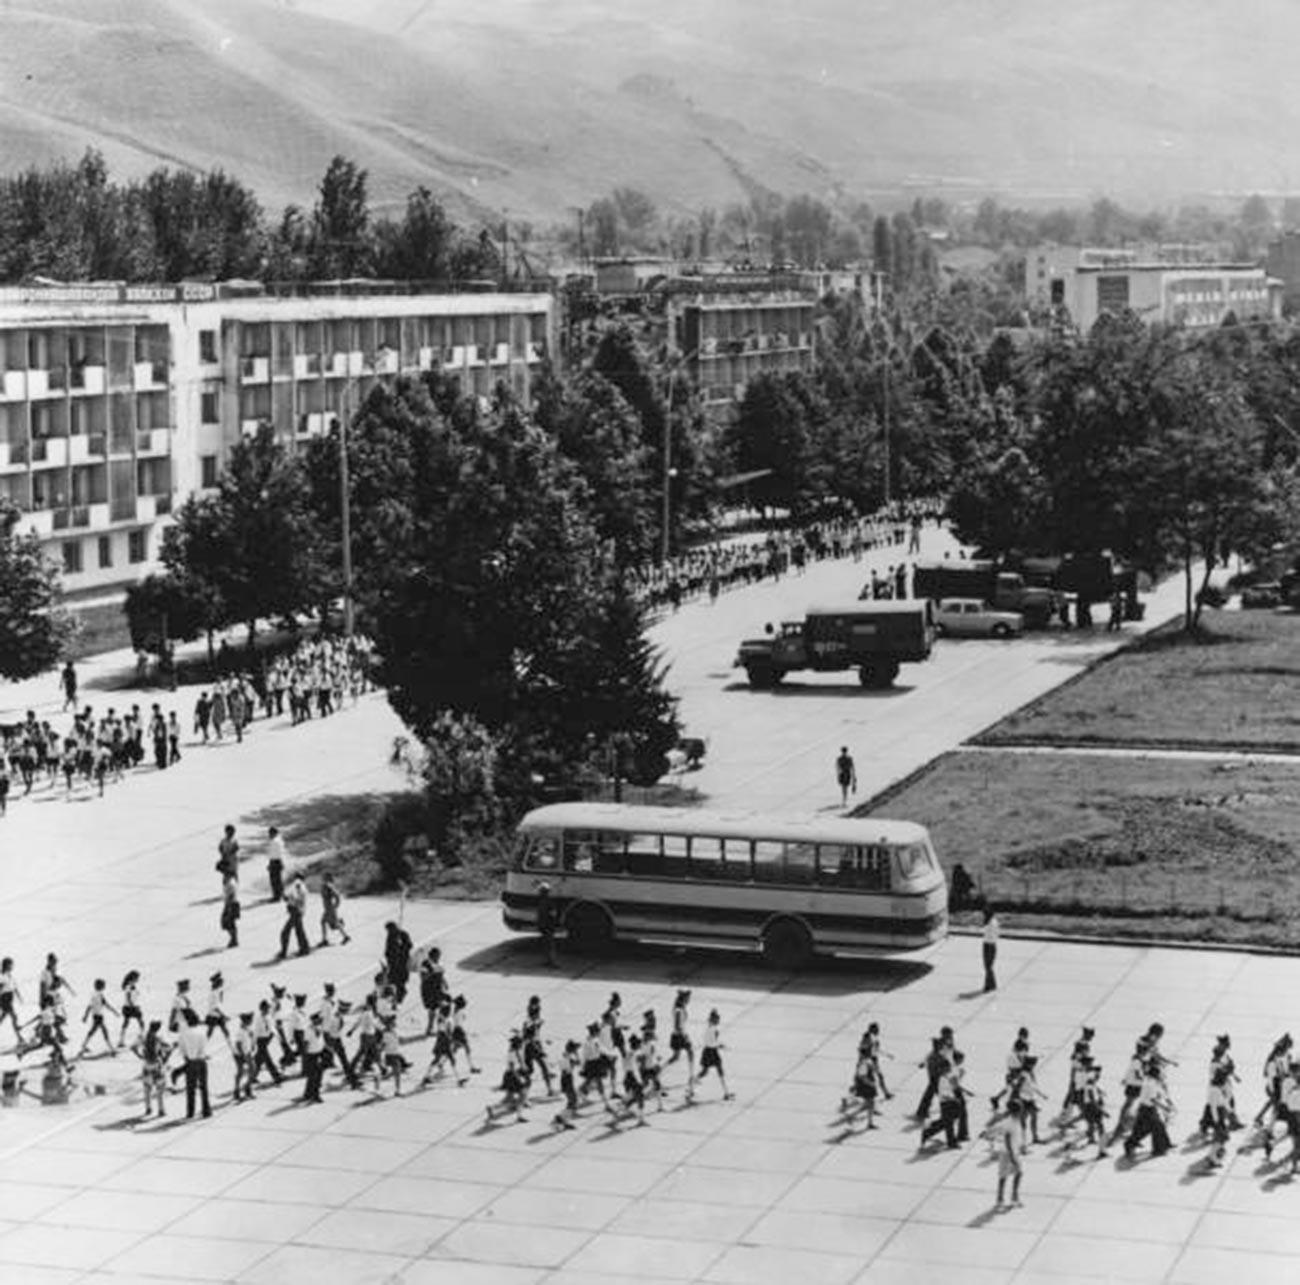 Ден на пионерите в Таджикистан, 19 май 1972 г.